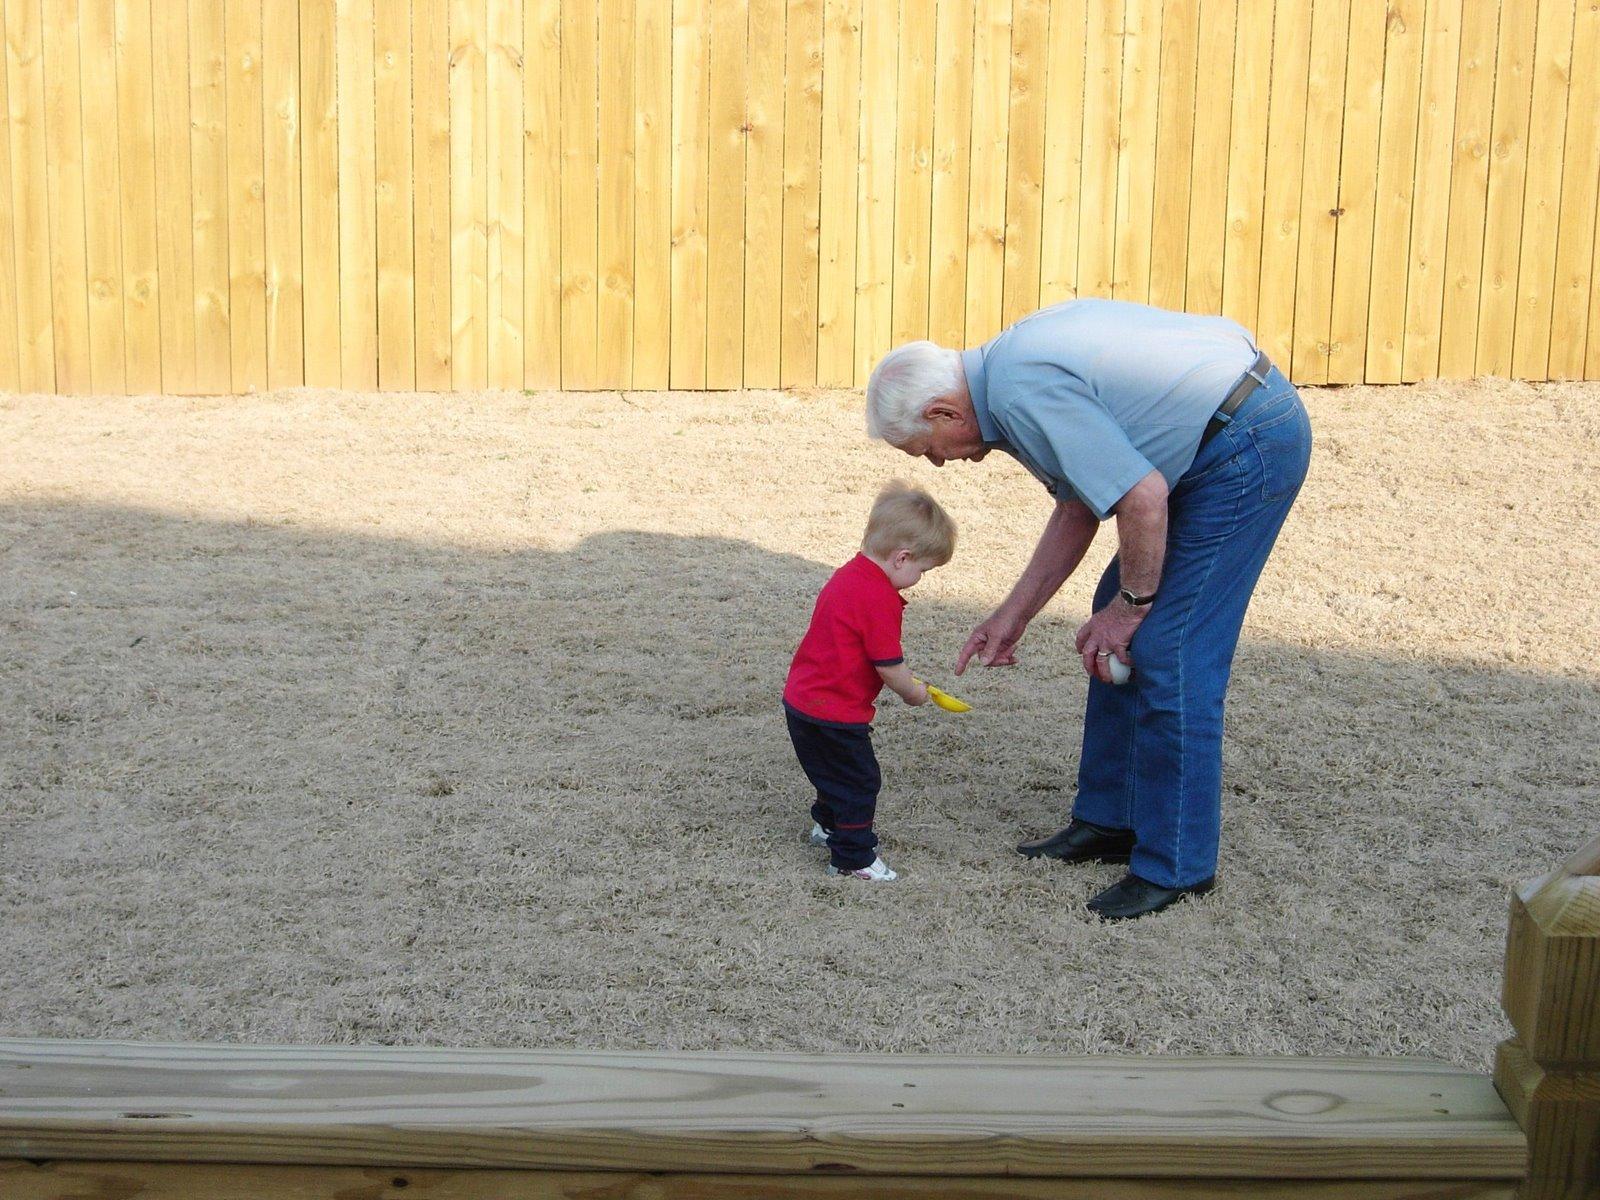 [Luke+&+Granddad.JPG]